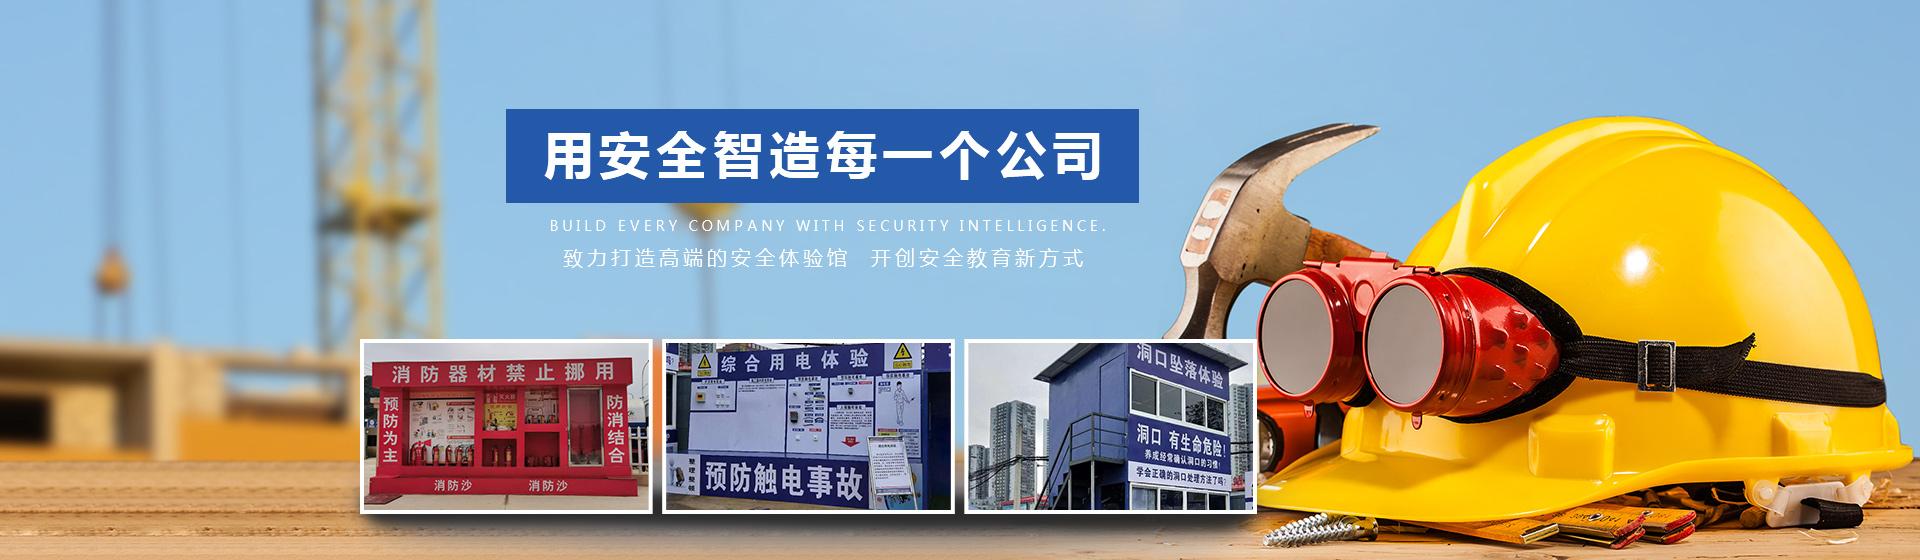 重庆安全体验馆